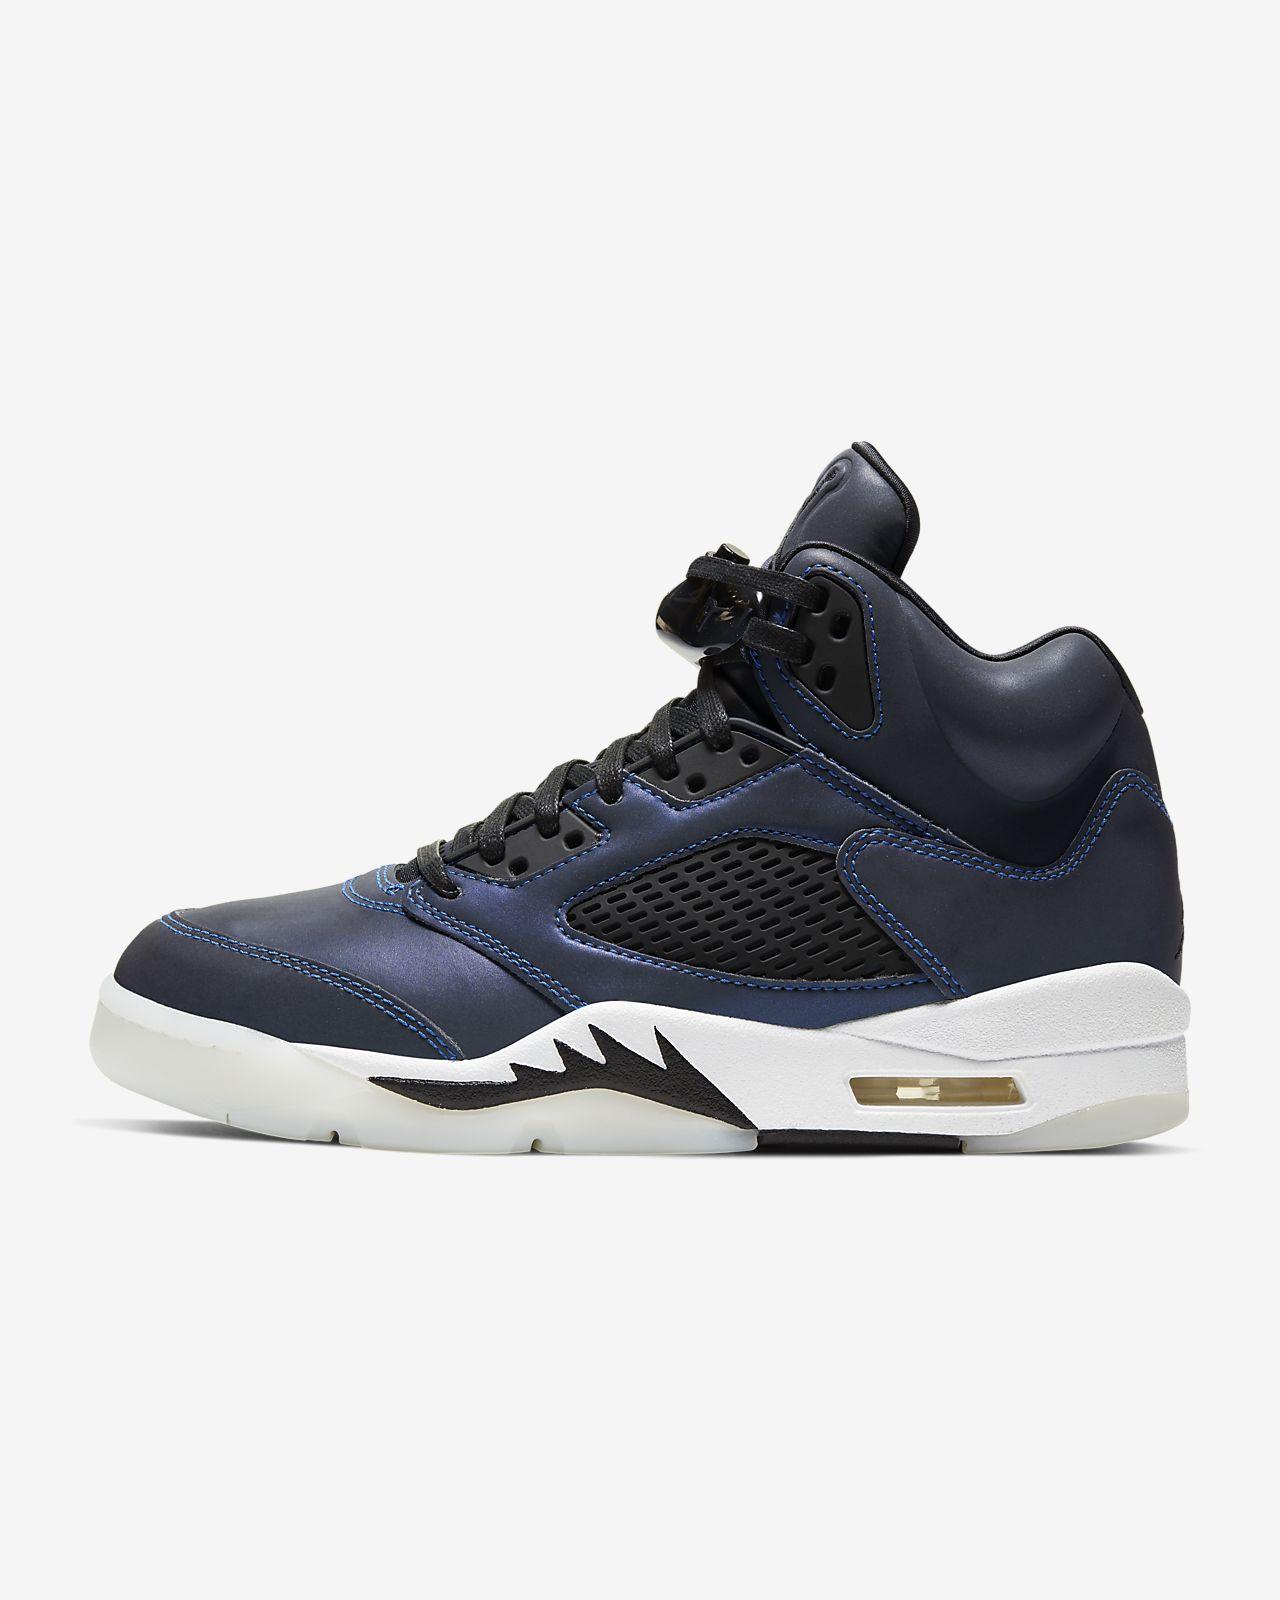 รองเท้าผู้หญิง Air Jordan 5 Retro